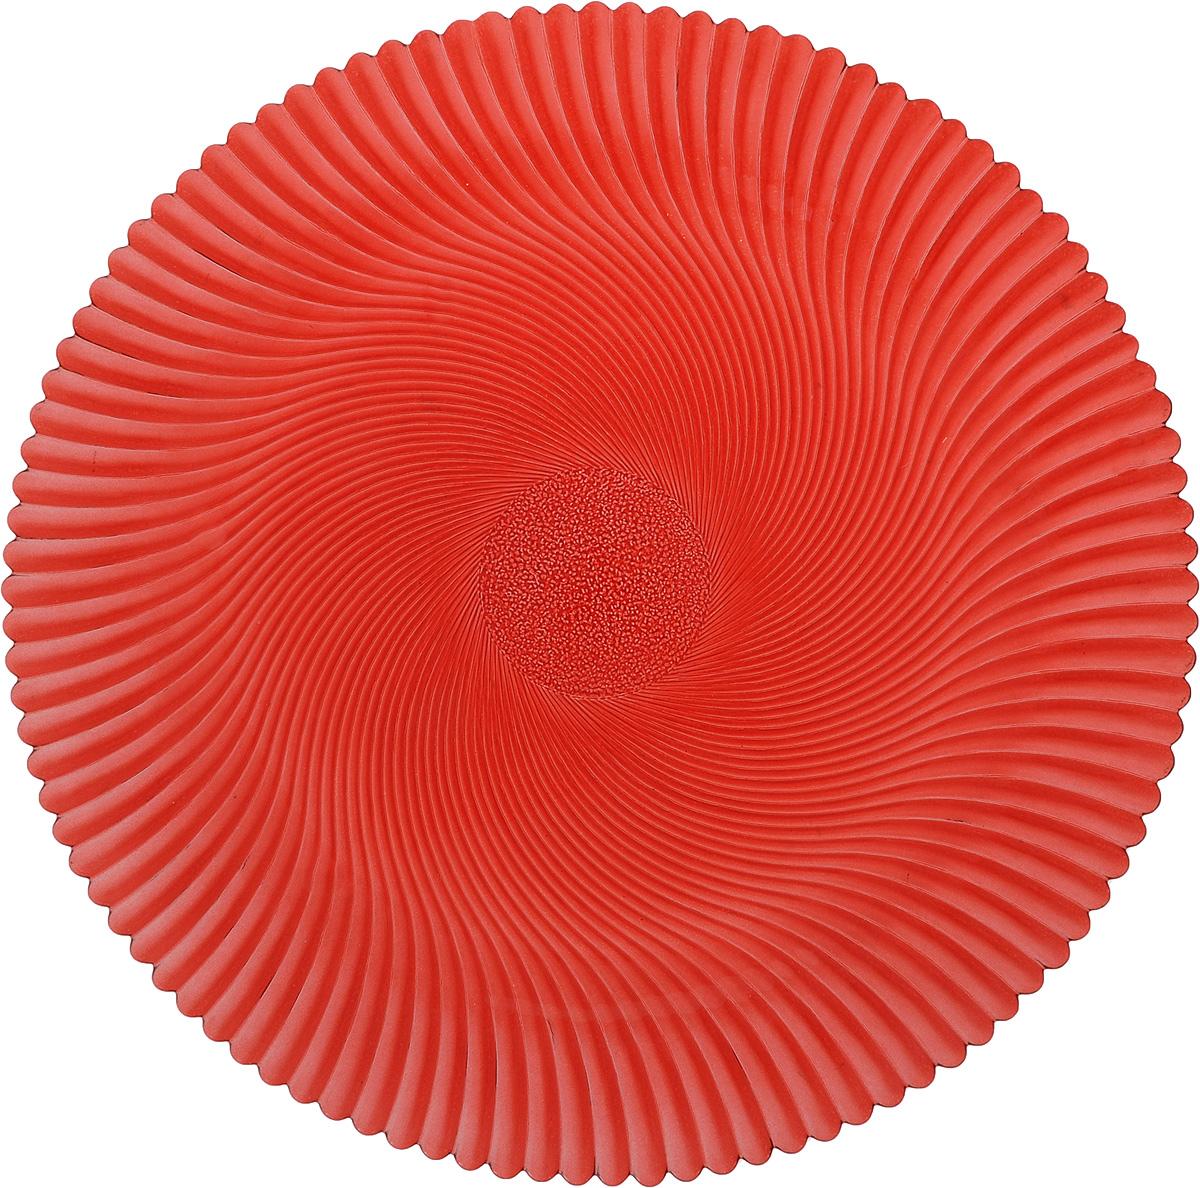 Блюдо NiNaGlass Альтера, цвет: рубиновый, диаметр 32 см83-028-Ф320 РУБКруглое блюдо NiNaGlass Альтера, изготовленное из высококачественного стекла, прекрасно подойдет для подачи нарезок, закусок и других блюд. Внешняя поверхность изделия оформлена рельефом. Такое блюдо украсит сервировку вашего стола и подчеркнет прекрасный вкус хозяйки. Диаметр блюда (по верхнему краю): 32 см. Высота блюда: 2 см.